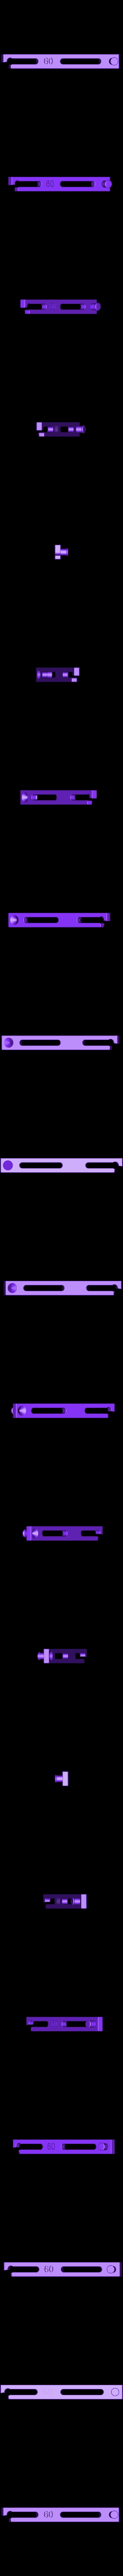 snapStick_60mm.stl Download free STL file Snap Stick, Bar, Interlocking, Math • 3D print model, LGBU